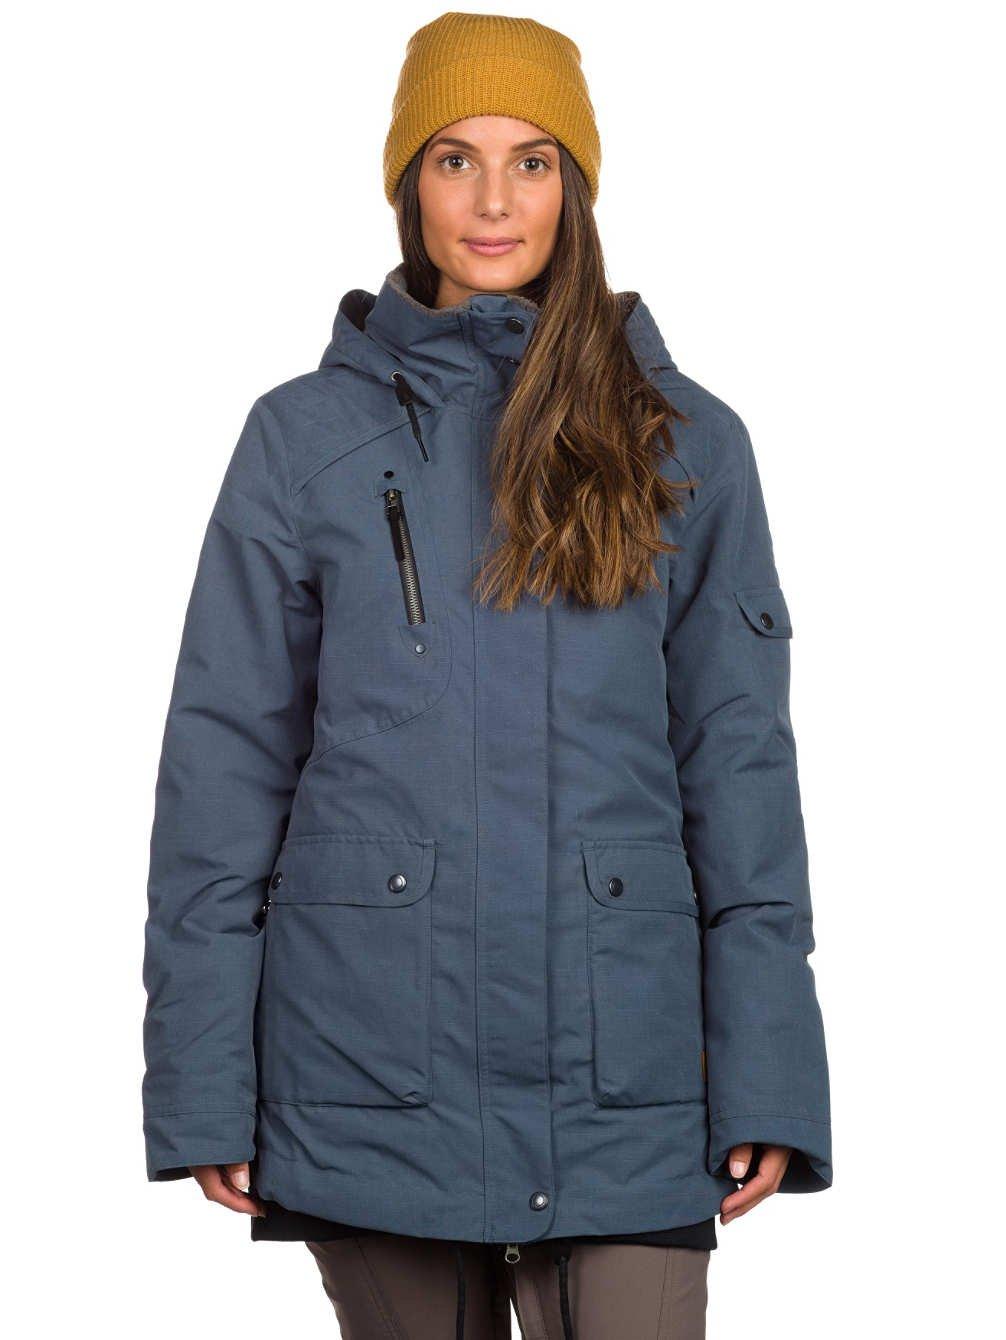 Damen Snowboard Jacke Ride Justice Jacket günstig online kaufen